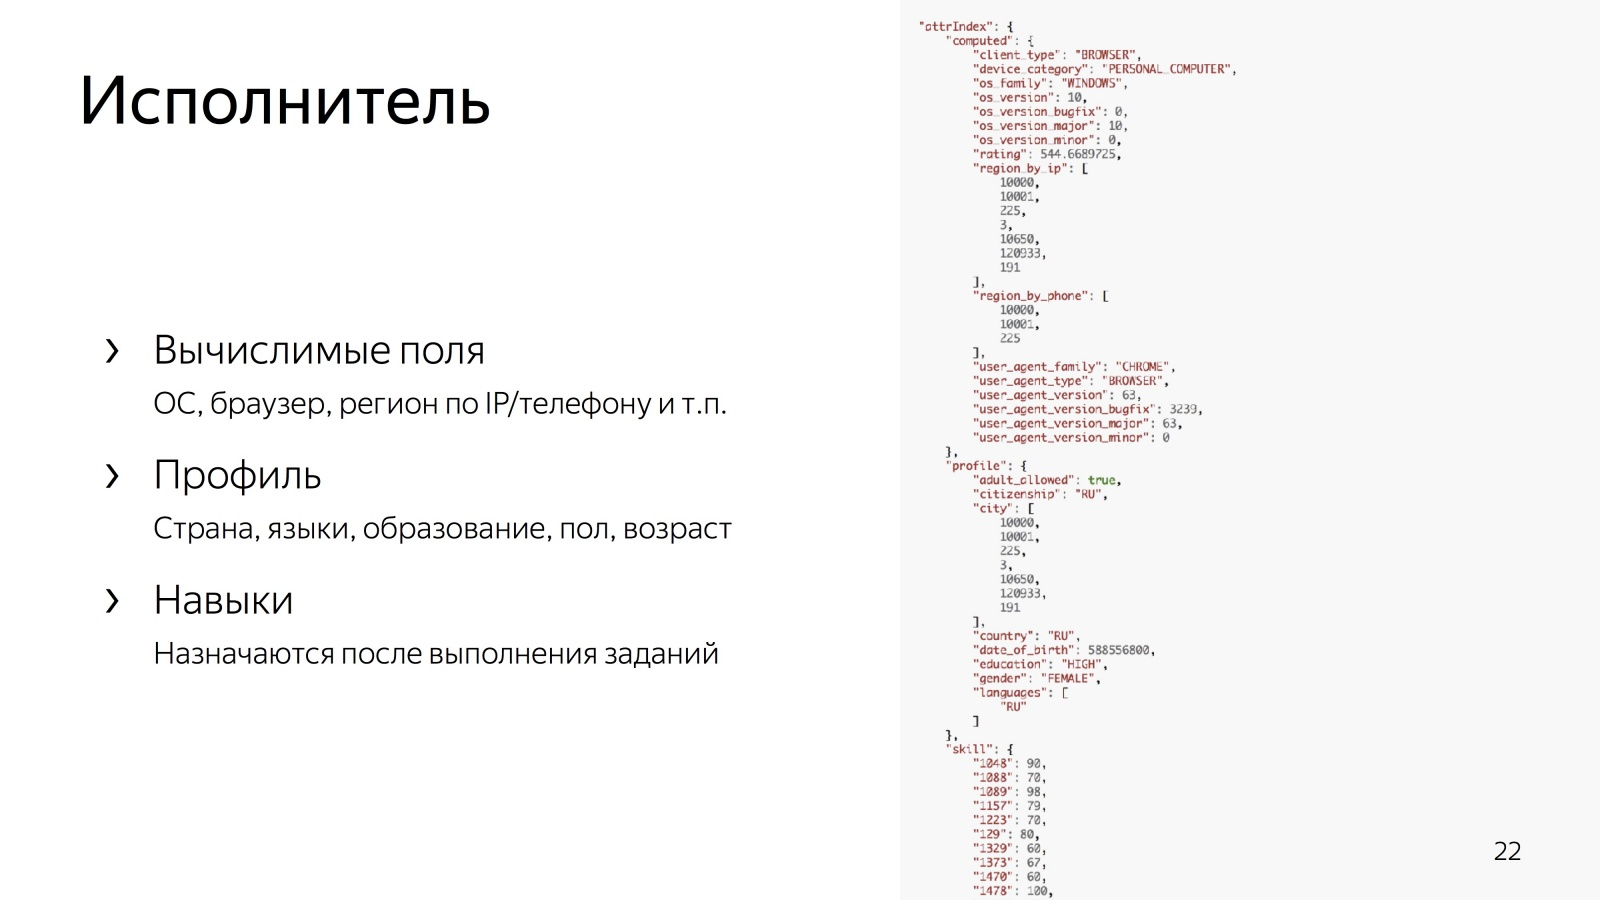 Лекция о Толоке. Как тысячи людей помогают нам делать Яндекс - 13